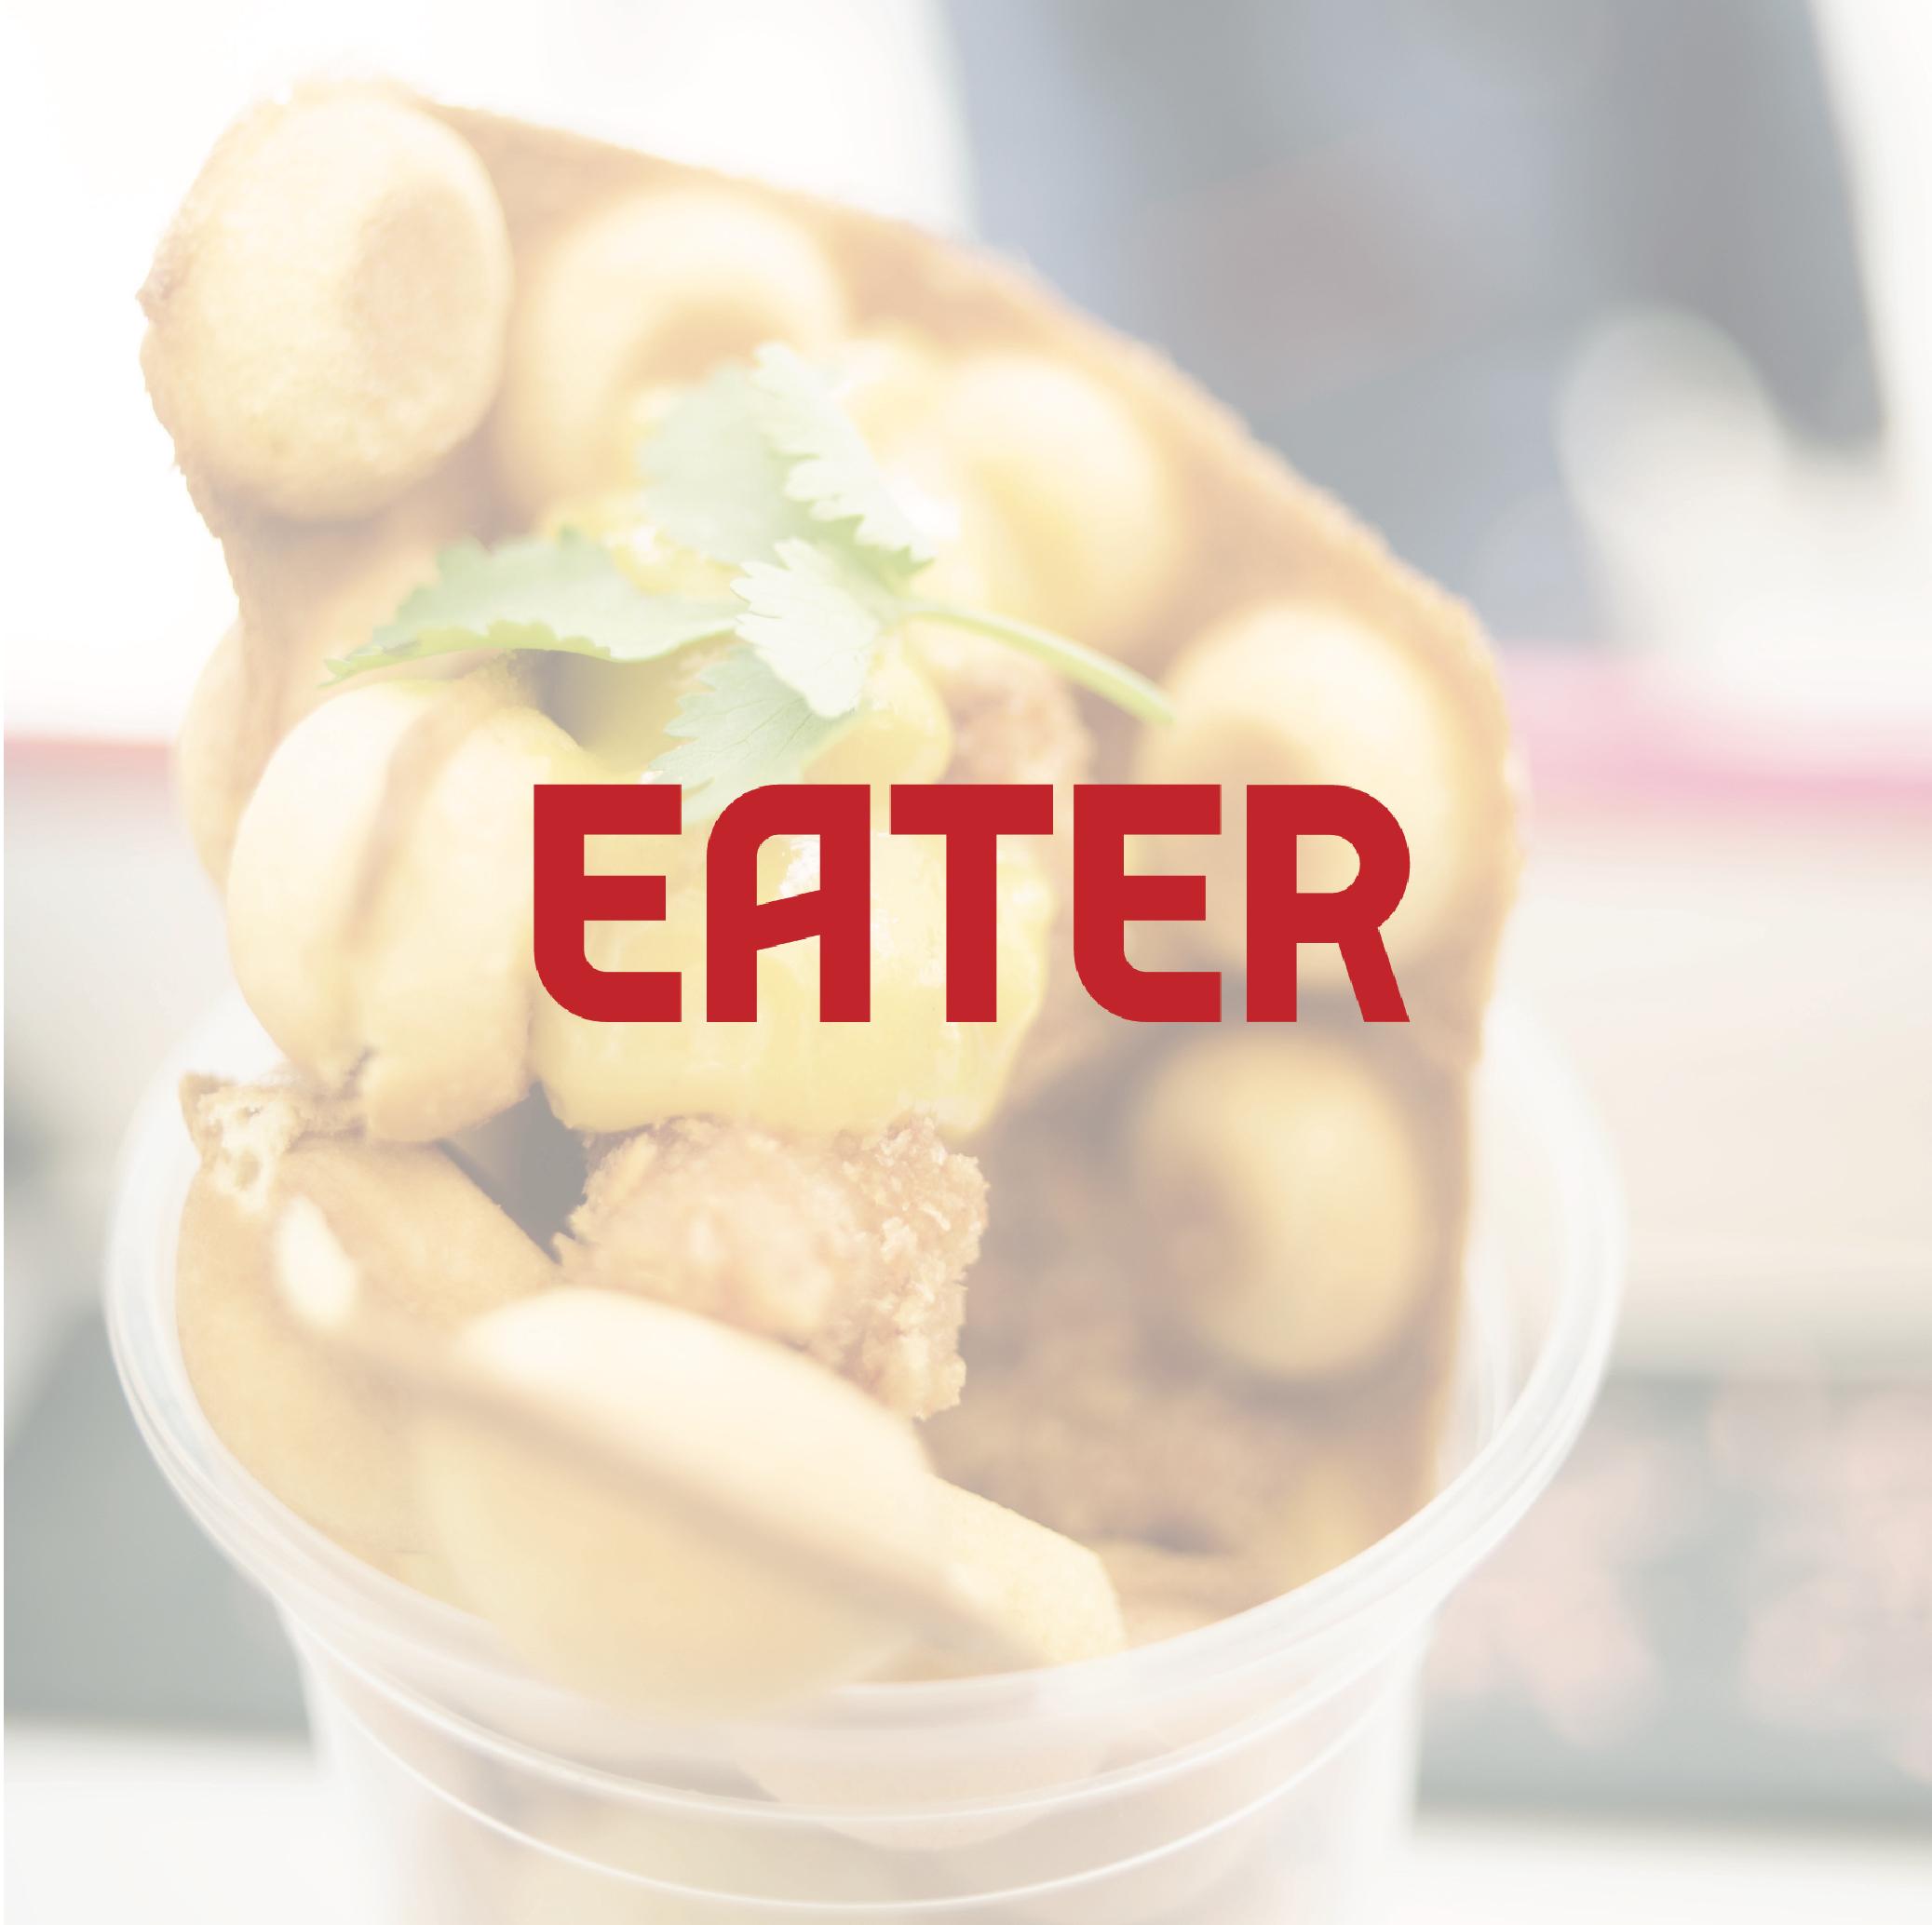 eater .jpg